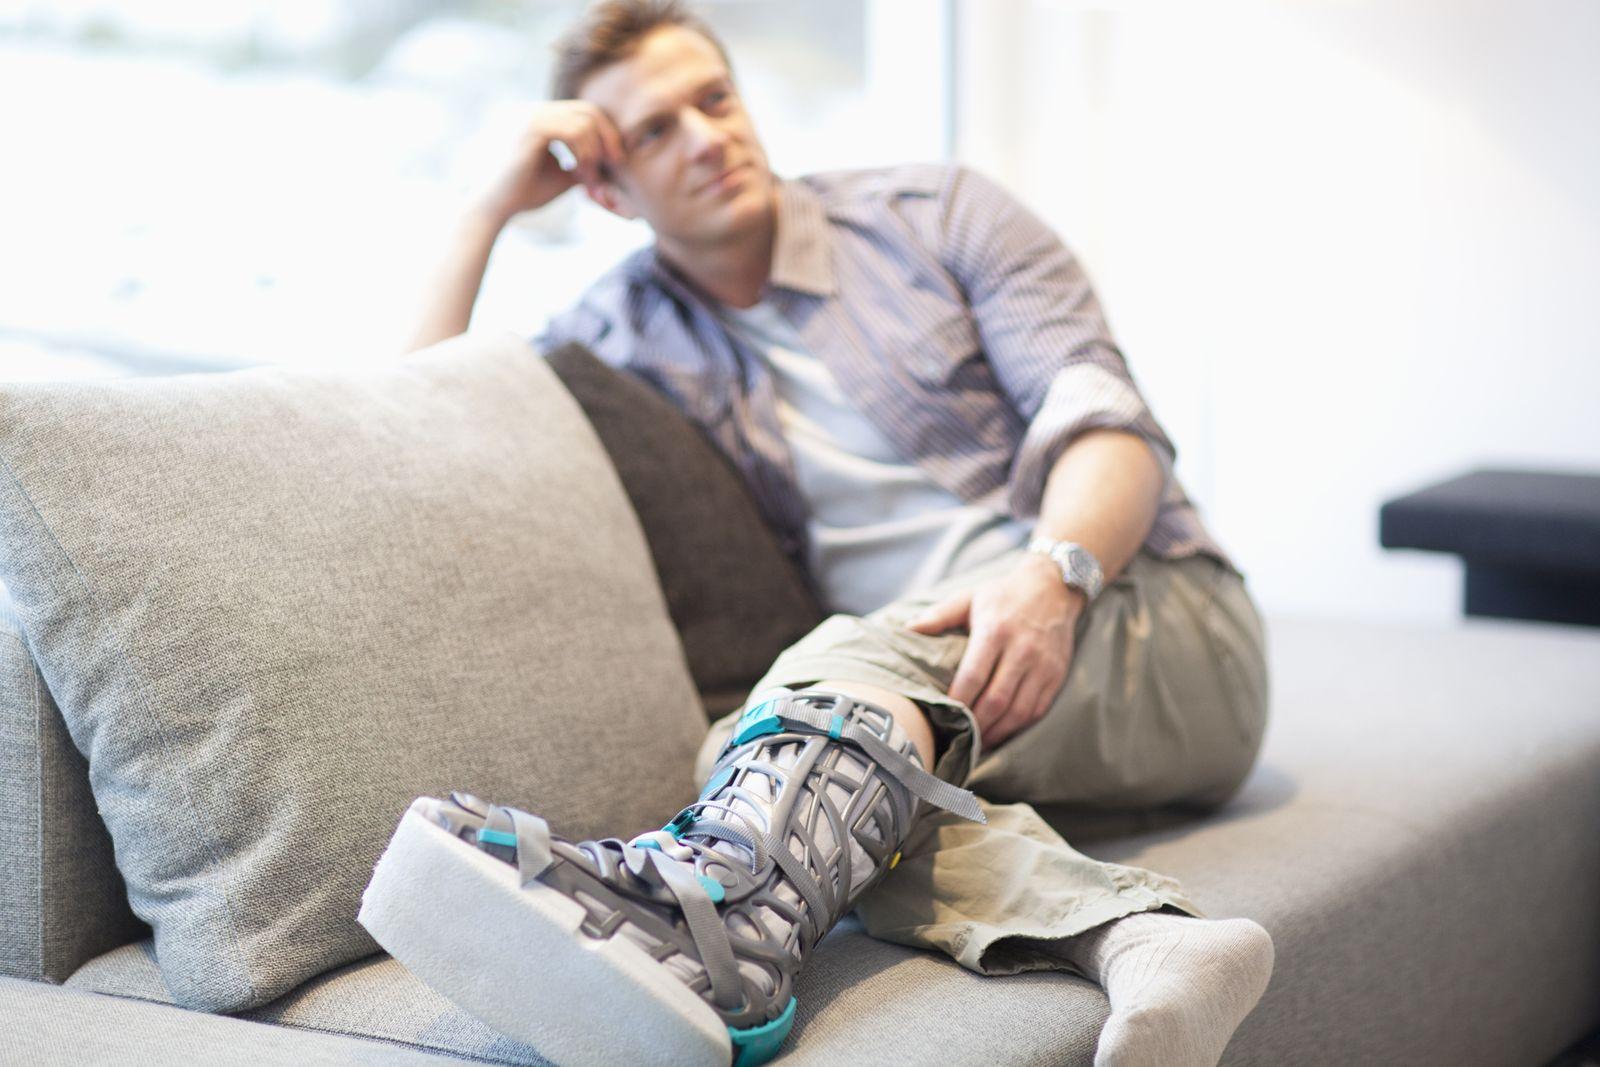 NICHT MEHR VERWENDEN! - Mann auf Sofa mit Gips / Gipsbein / Beinbruch